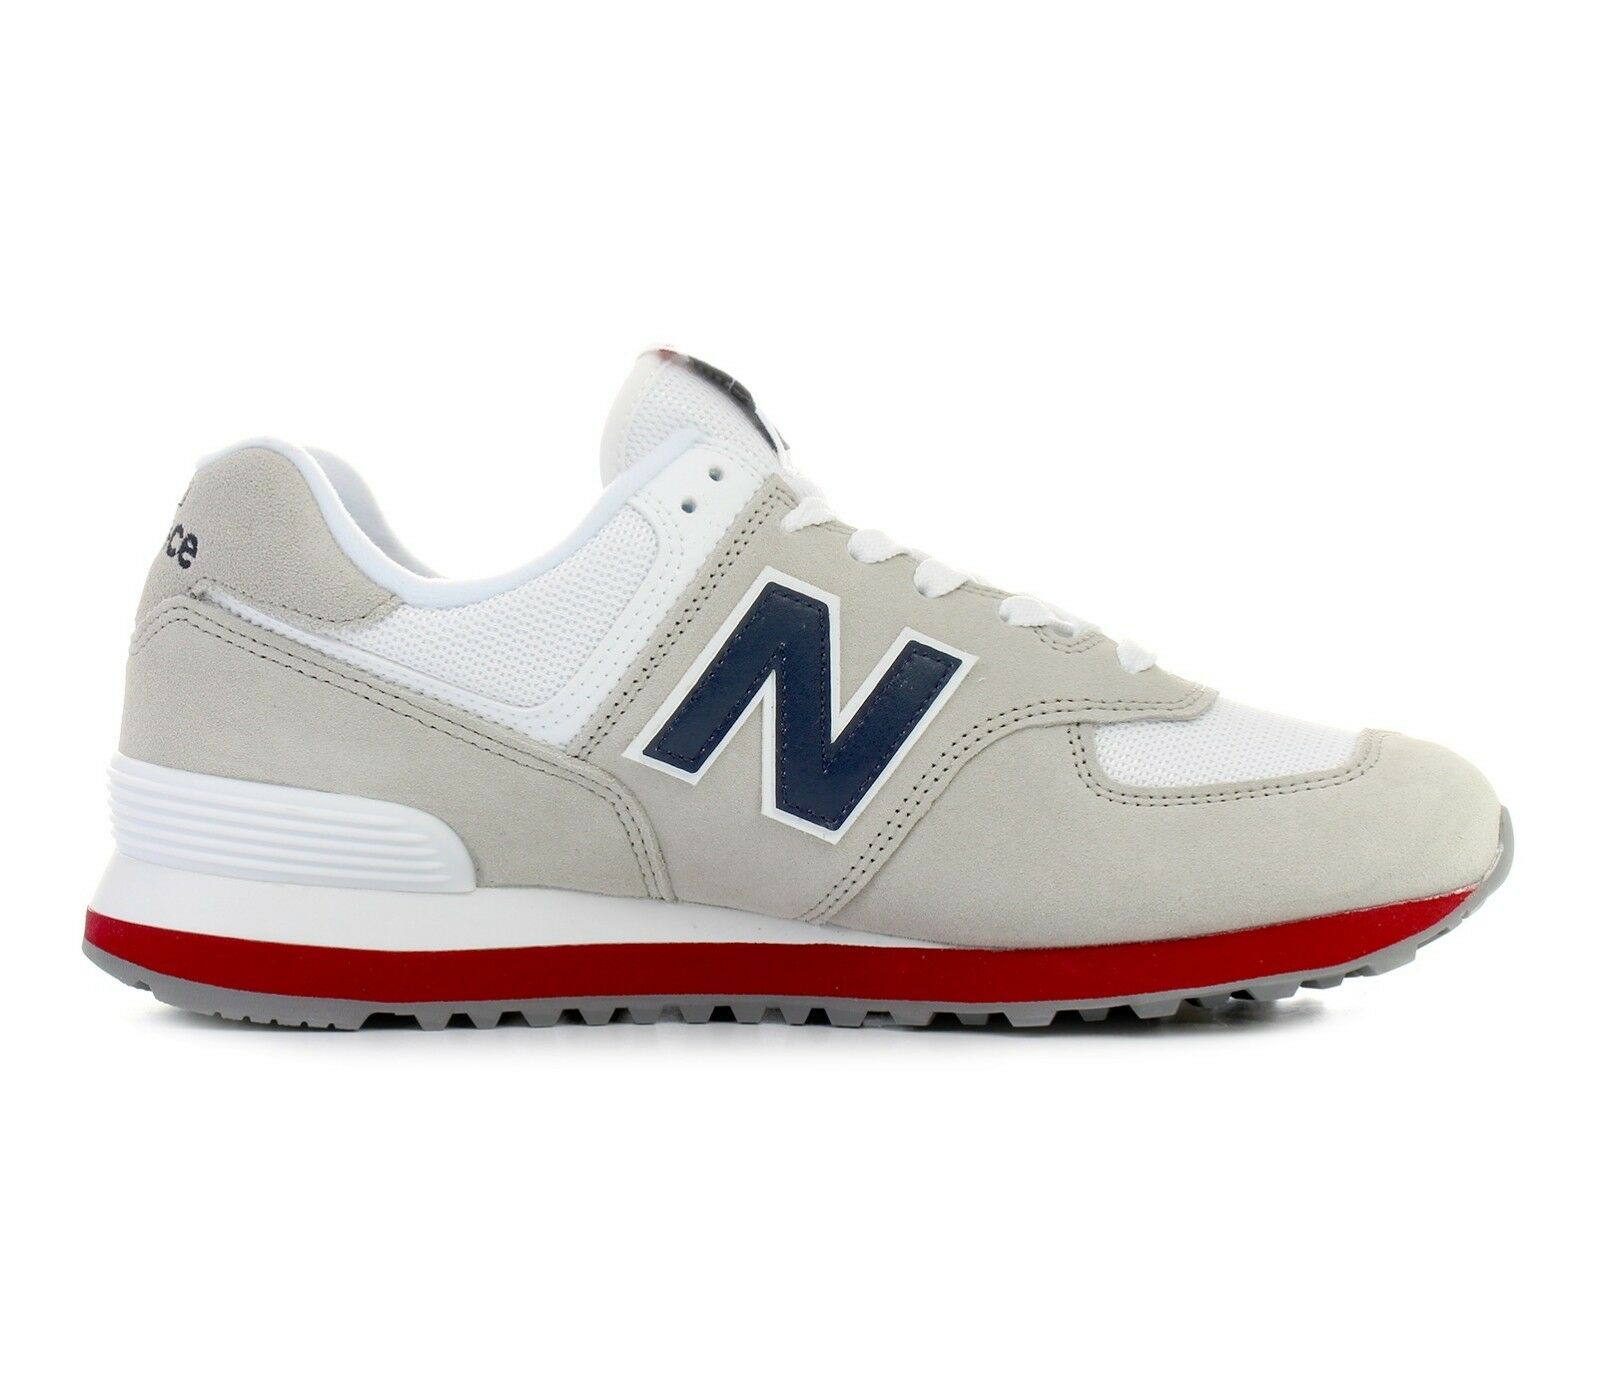 Nuovo equilibrio 574 grey / uomini della marina per il suo stile di scarpe nucleo pi ml574esa